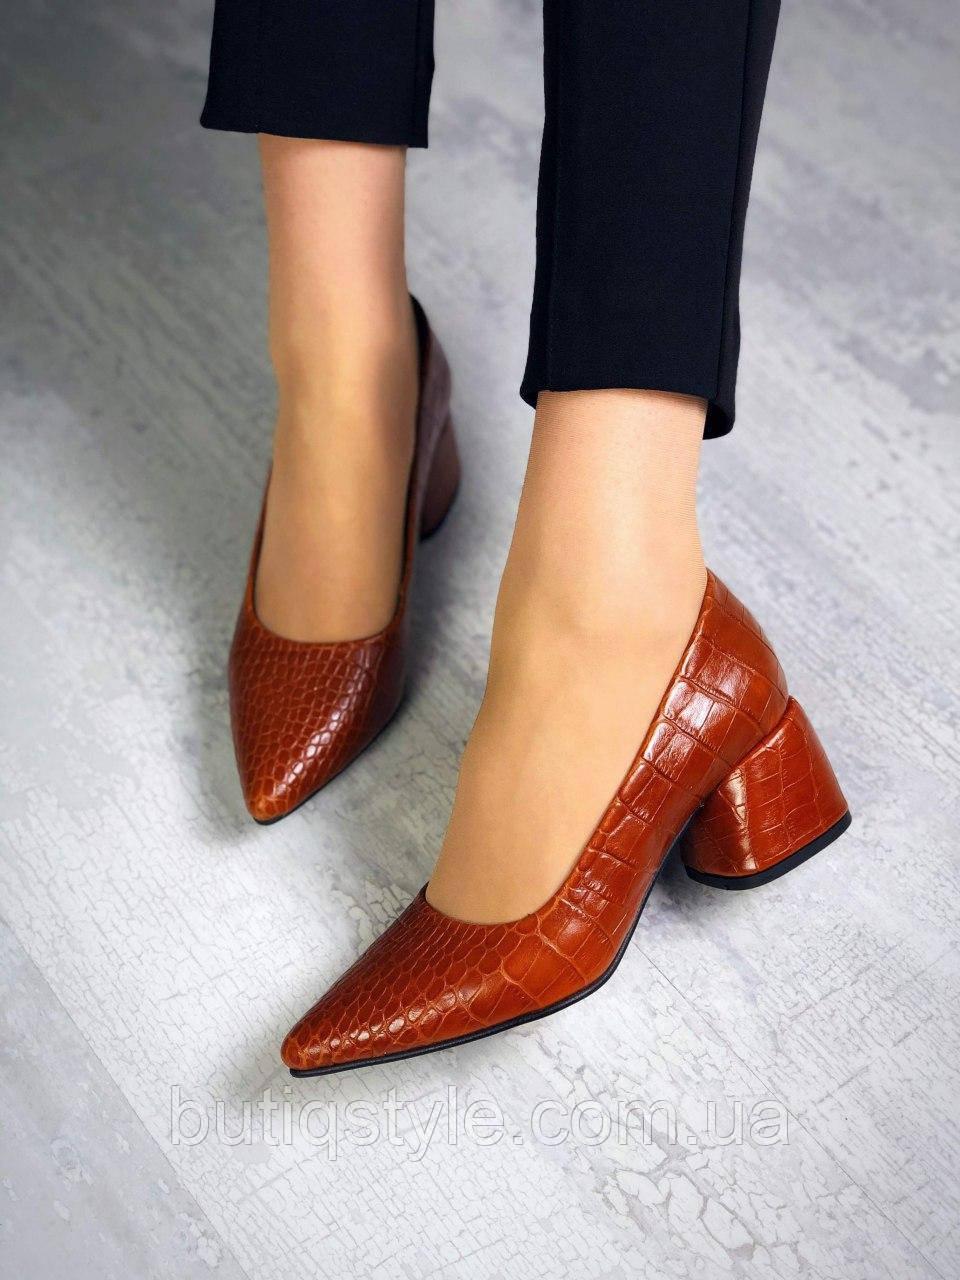 Жіночі руді туфлі натуральна шкіра на підборах